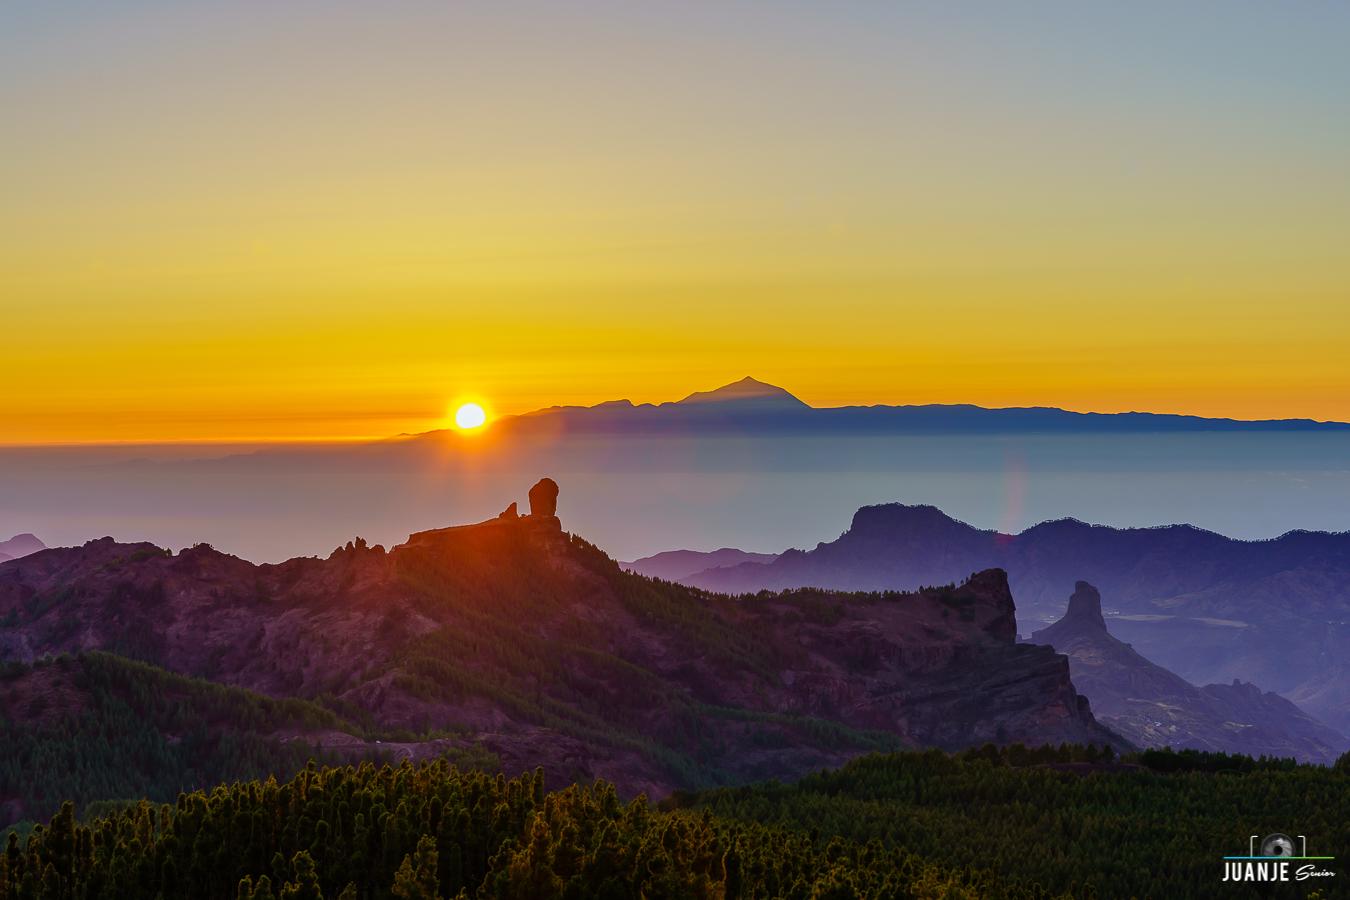 Foto de Juanje Senior con el Roque Nublo, el Roque Bentayga y el Teide desde Tejeda